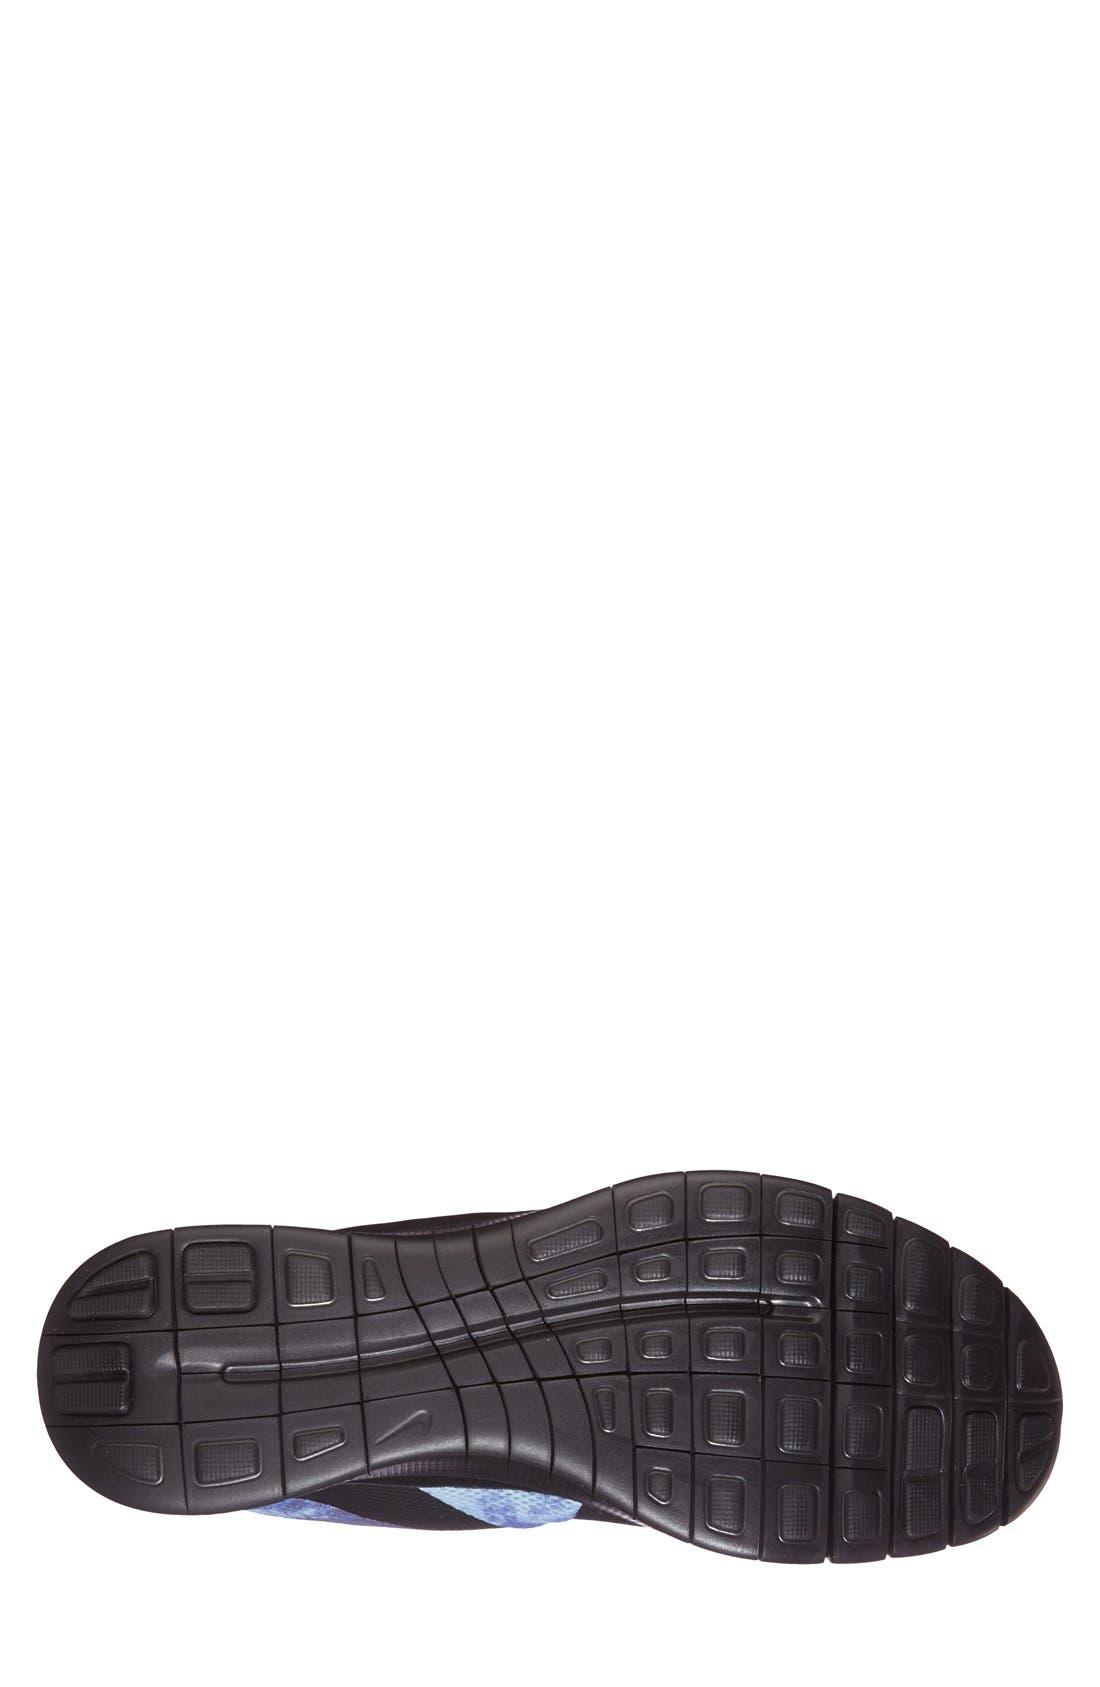 NIKE,                             'Free Socfly SD' Sneaker,                             Alternate thumbnail 2, color,                             004